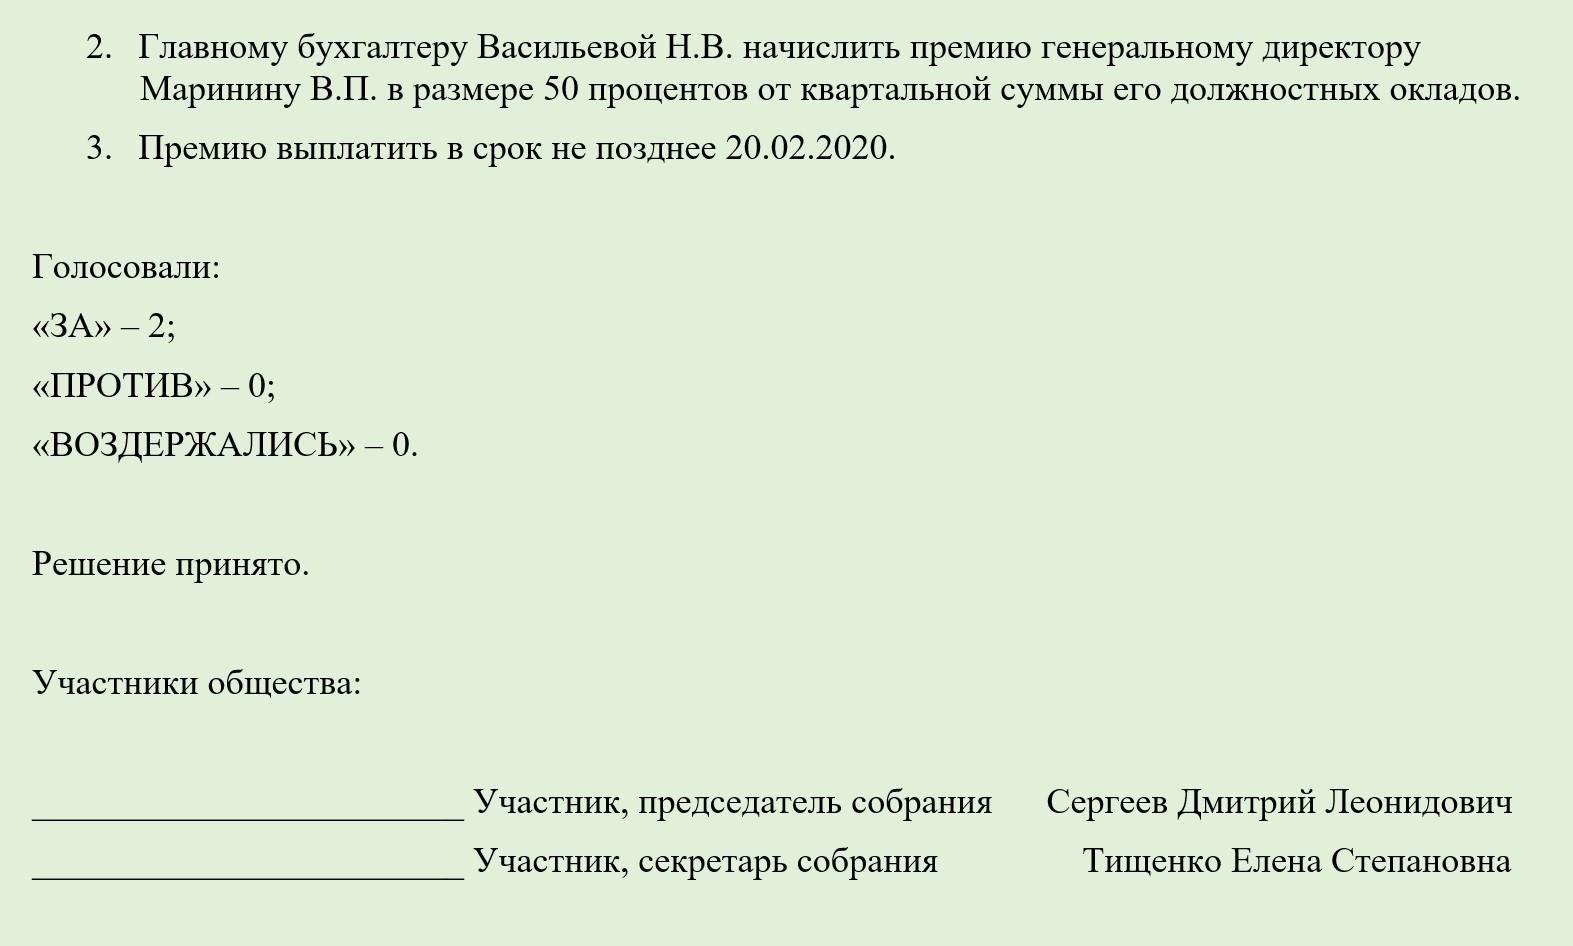 Образец протокола собрания учредителей о премировании директора-2